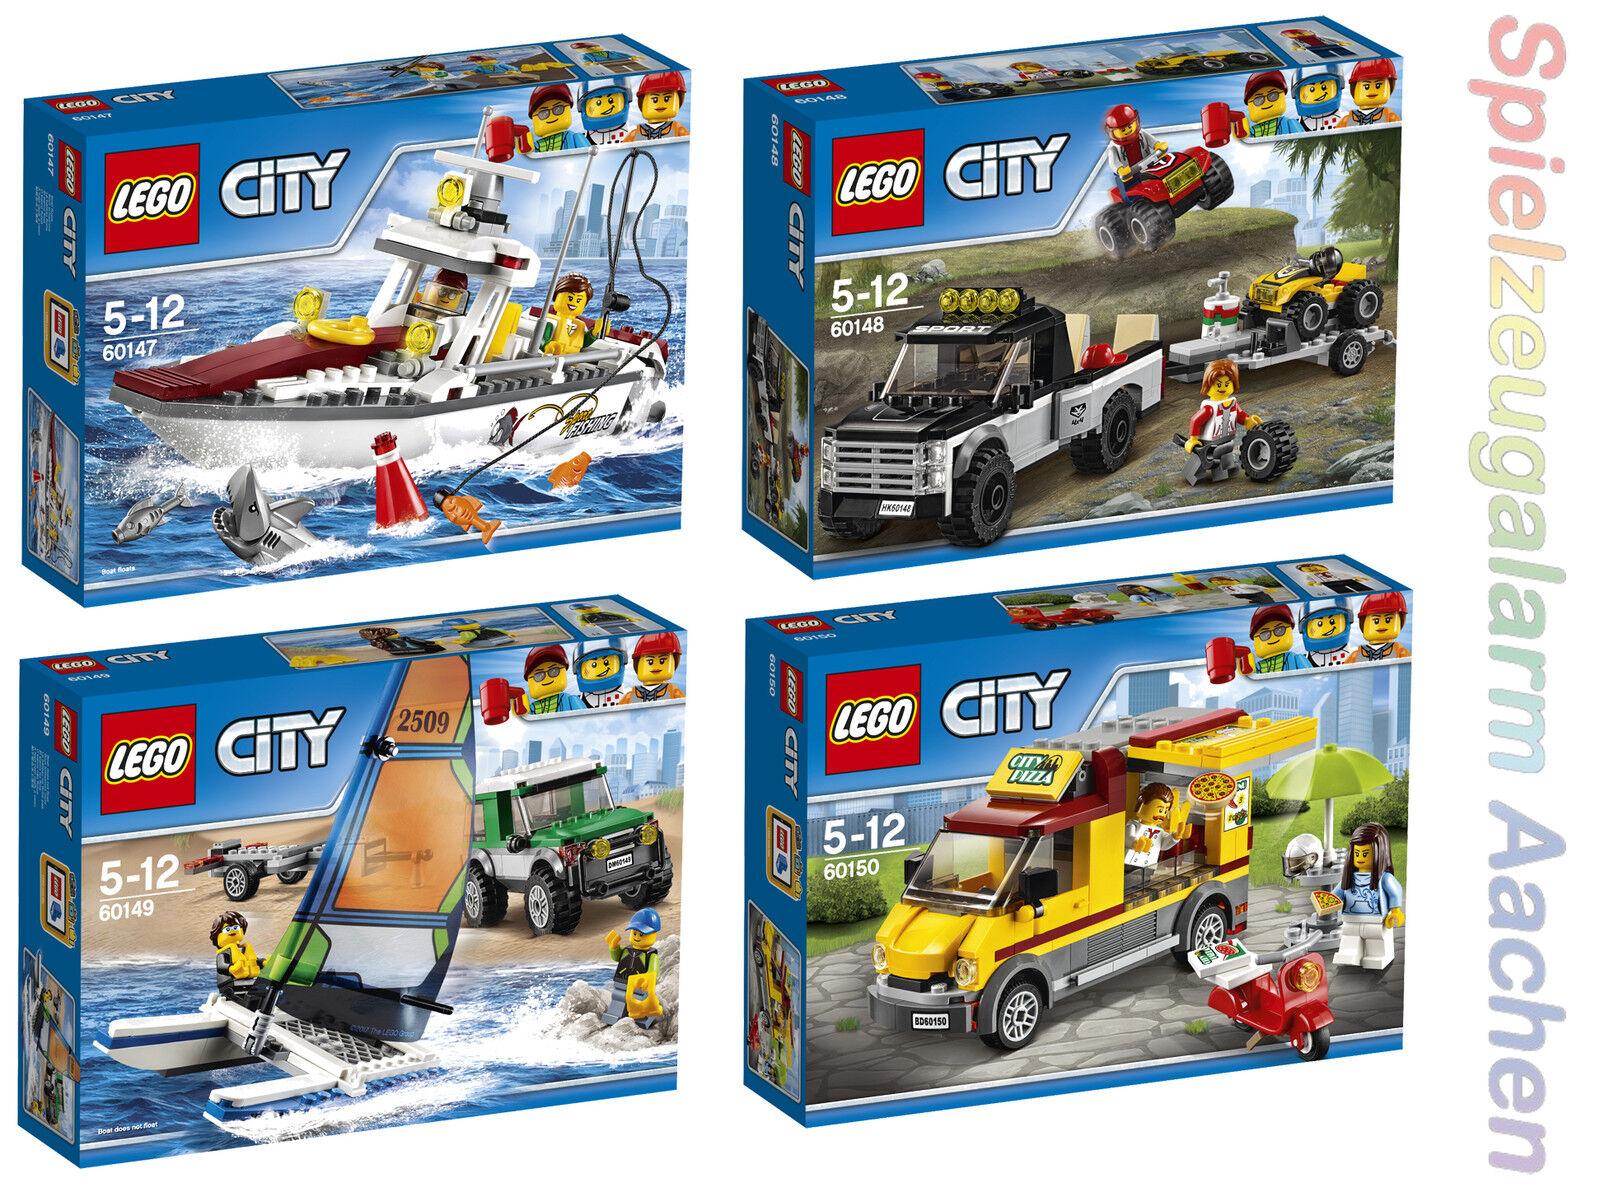 LEGO città 60147 60148 60149 60150 Angel Yacht QUAD  dtuttiascuderia fuoristrada n2 17  nelle promozioni dello stadio